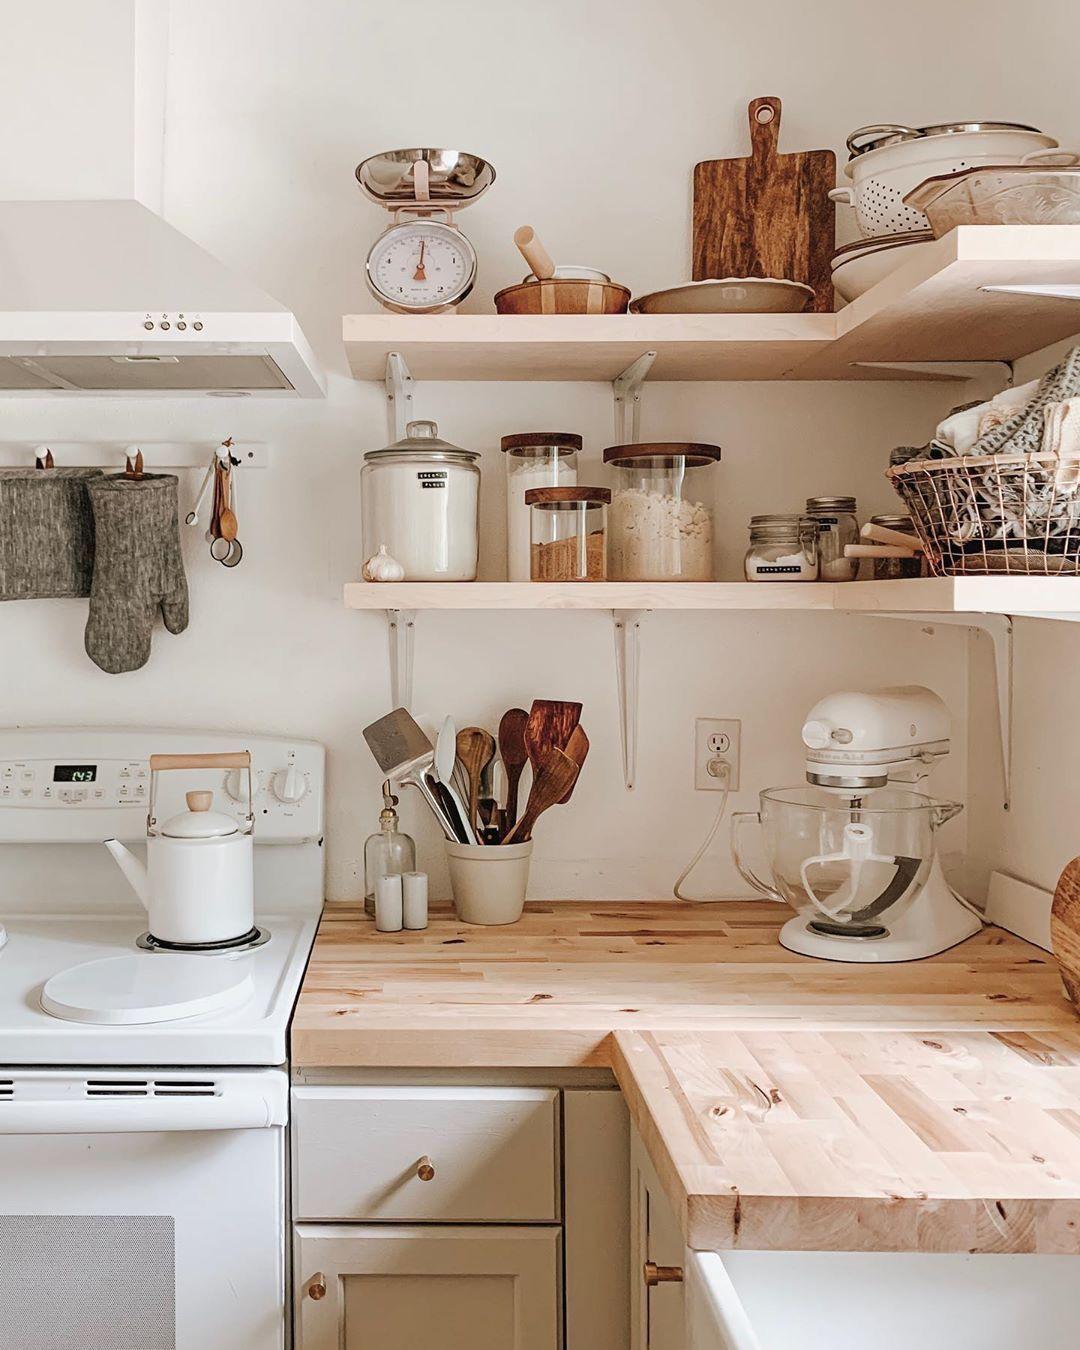 ✰pinterest//garyjohnbasson✰   Kitchen design small, Home decor ...